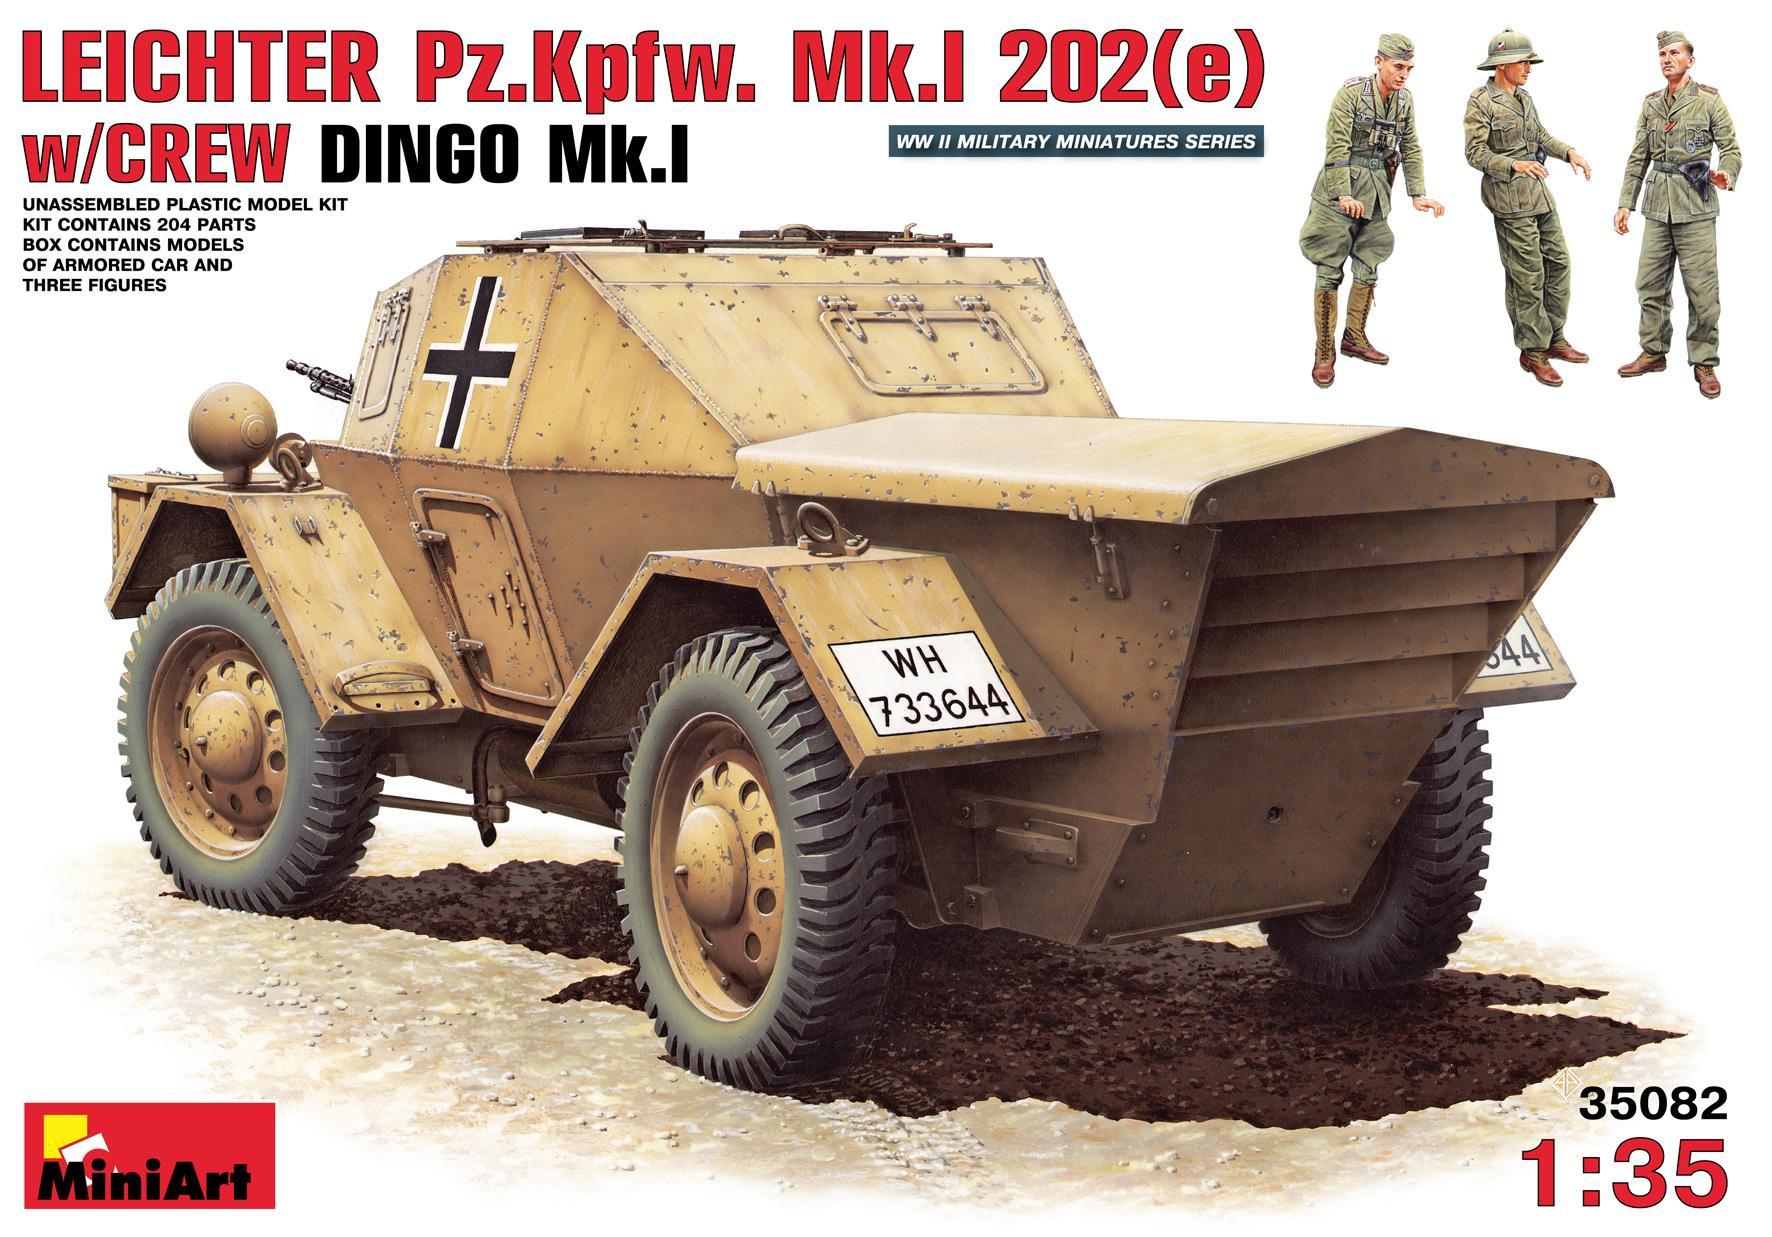 1/35 Leichter Pz. Kpfw. Mk.I 202(e) DINGO c/figuras